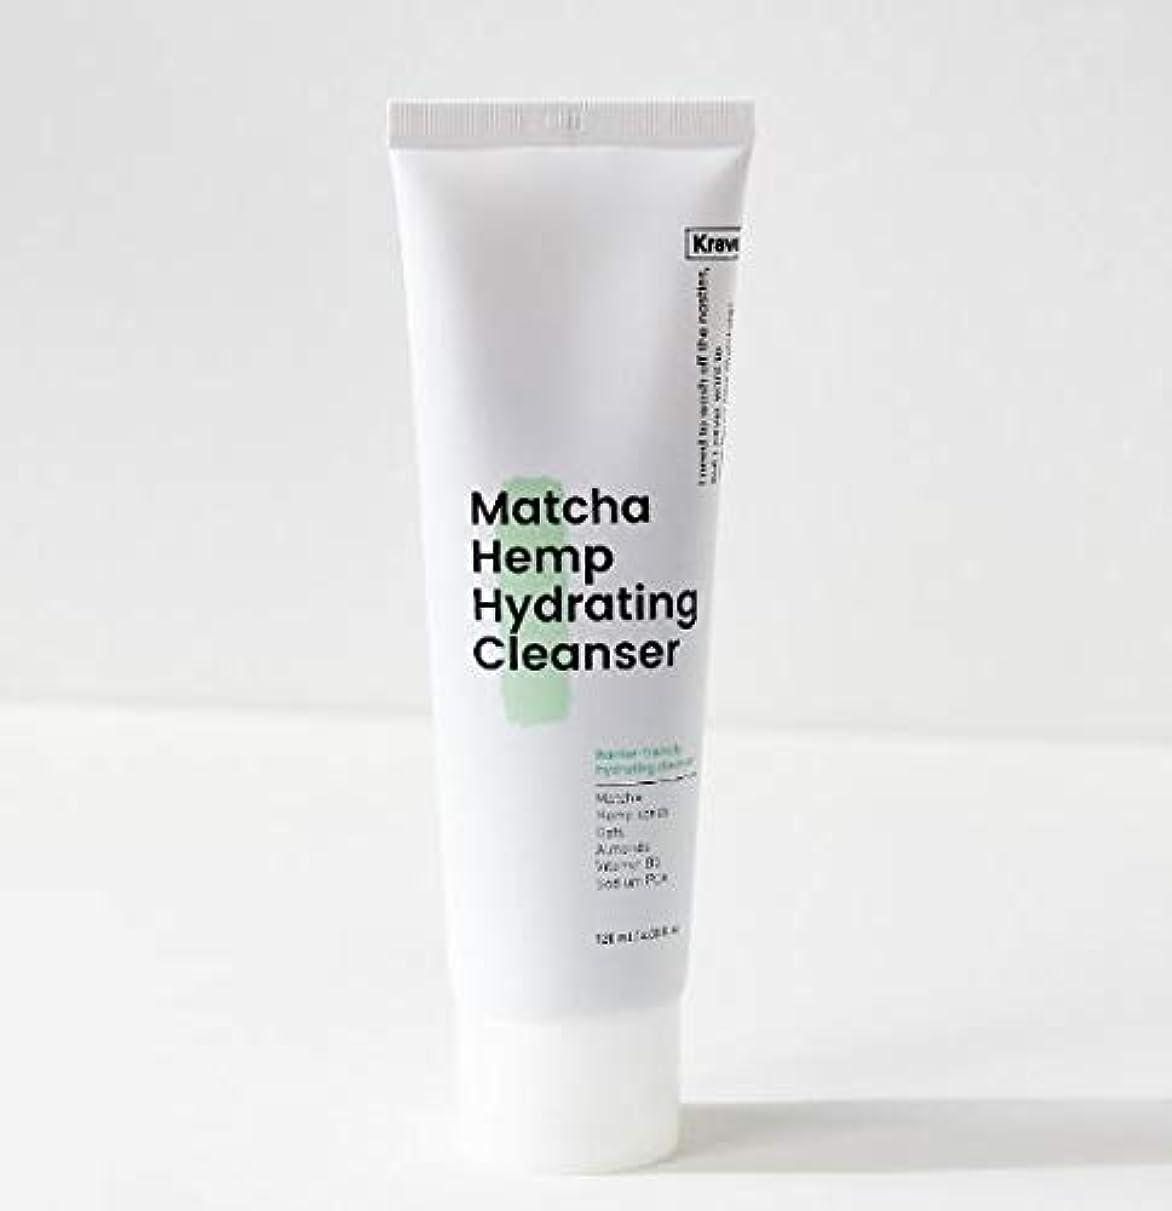 リフレッシュワイプ決済[Krave] Matcha Hemp Hydrating Cleanser 120ml / 抹茶ハイドレイティングクレンザー120ml [並行輸入品]